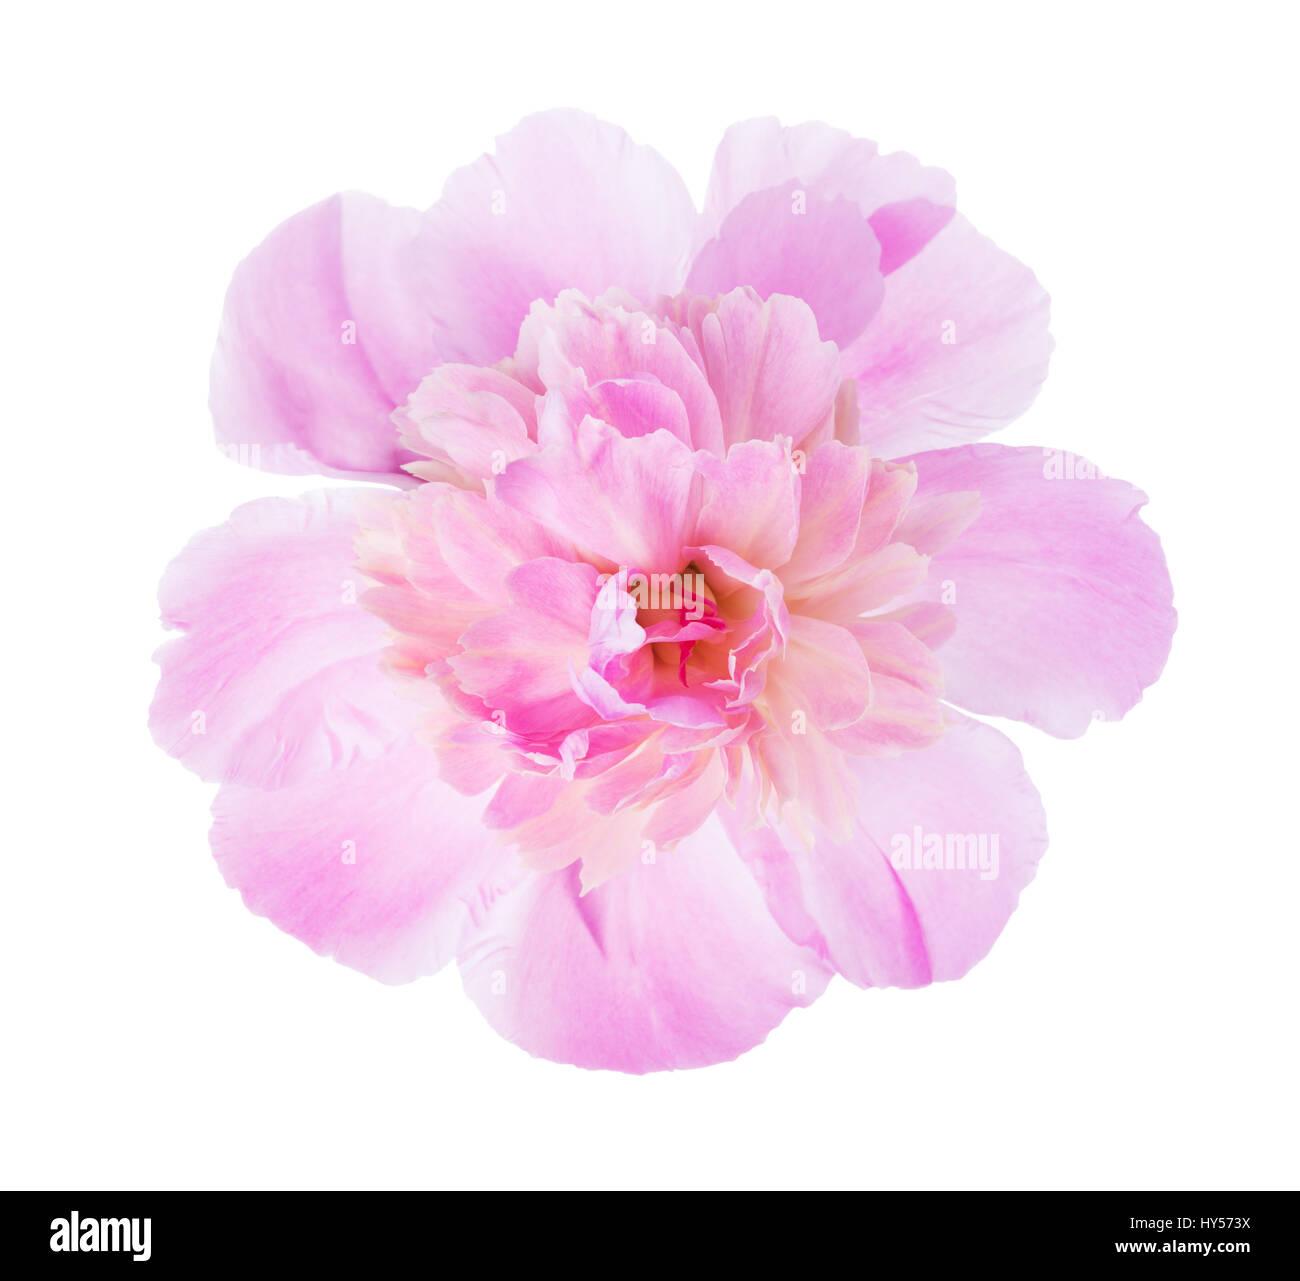 Pink peony  isolated on white background. - Stock Image